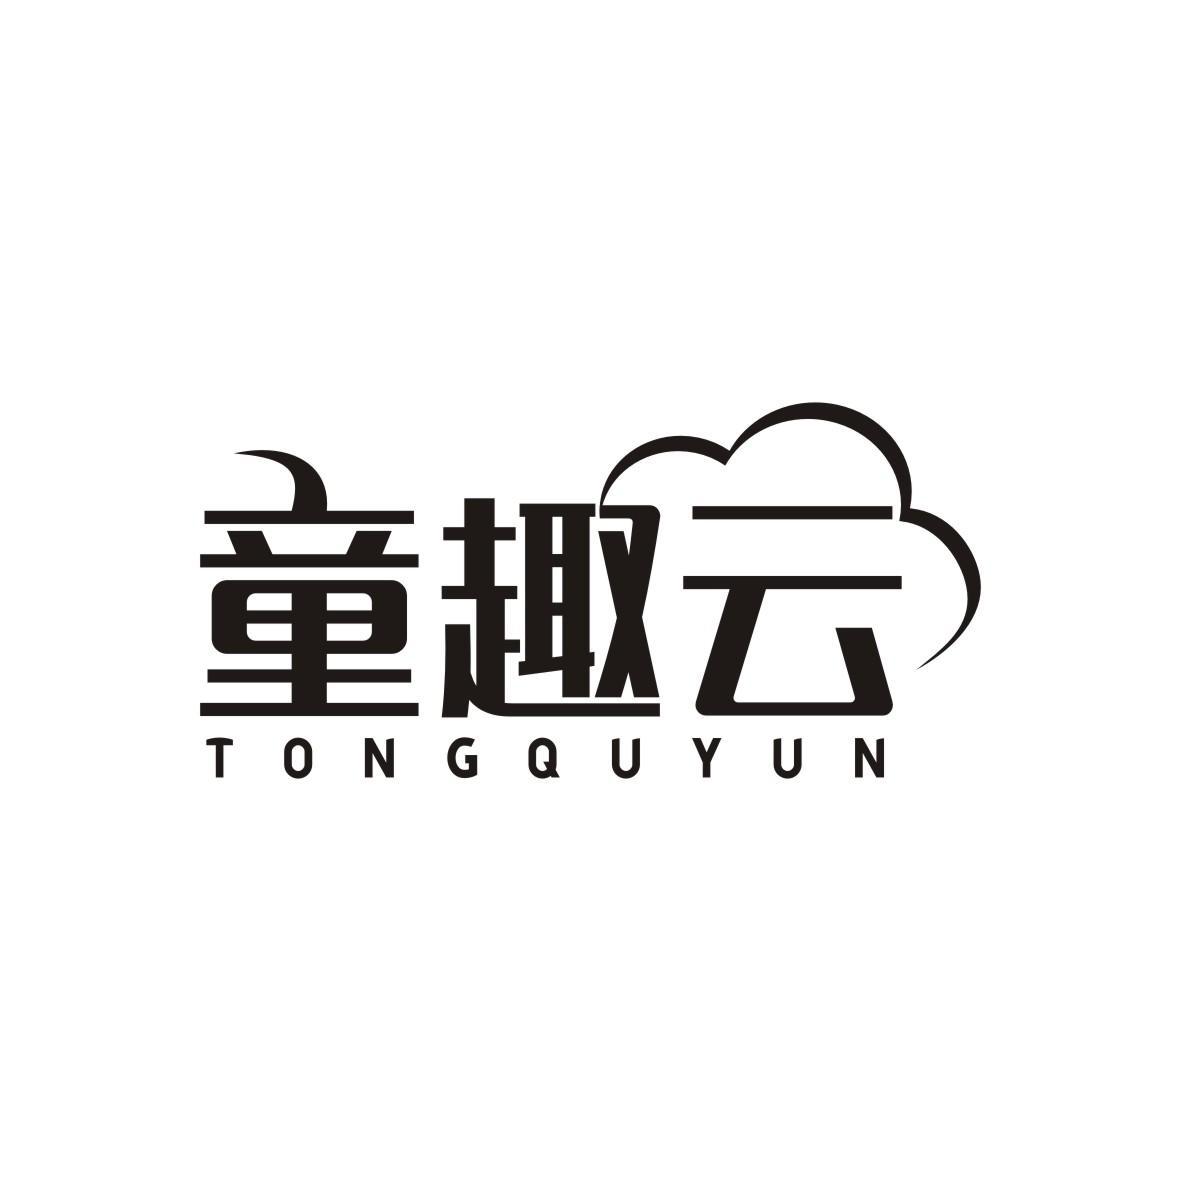 童趣云TONGQUYUN